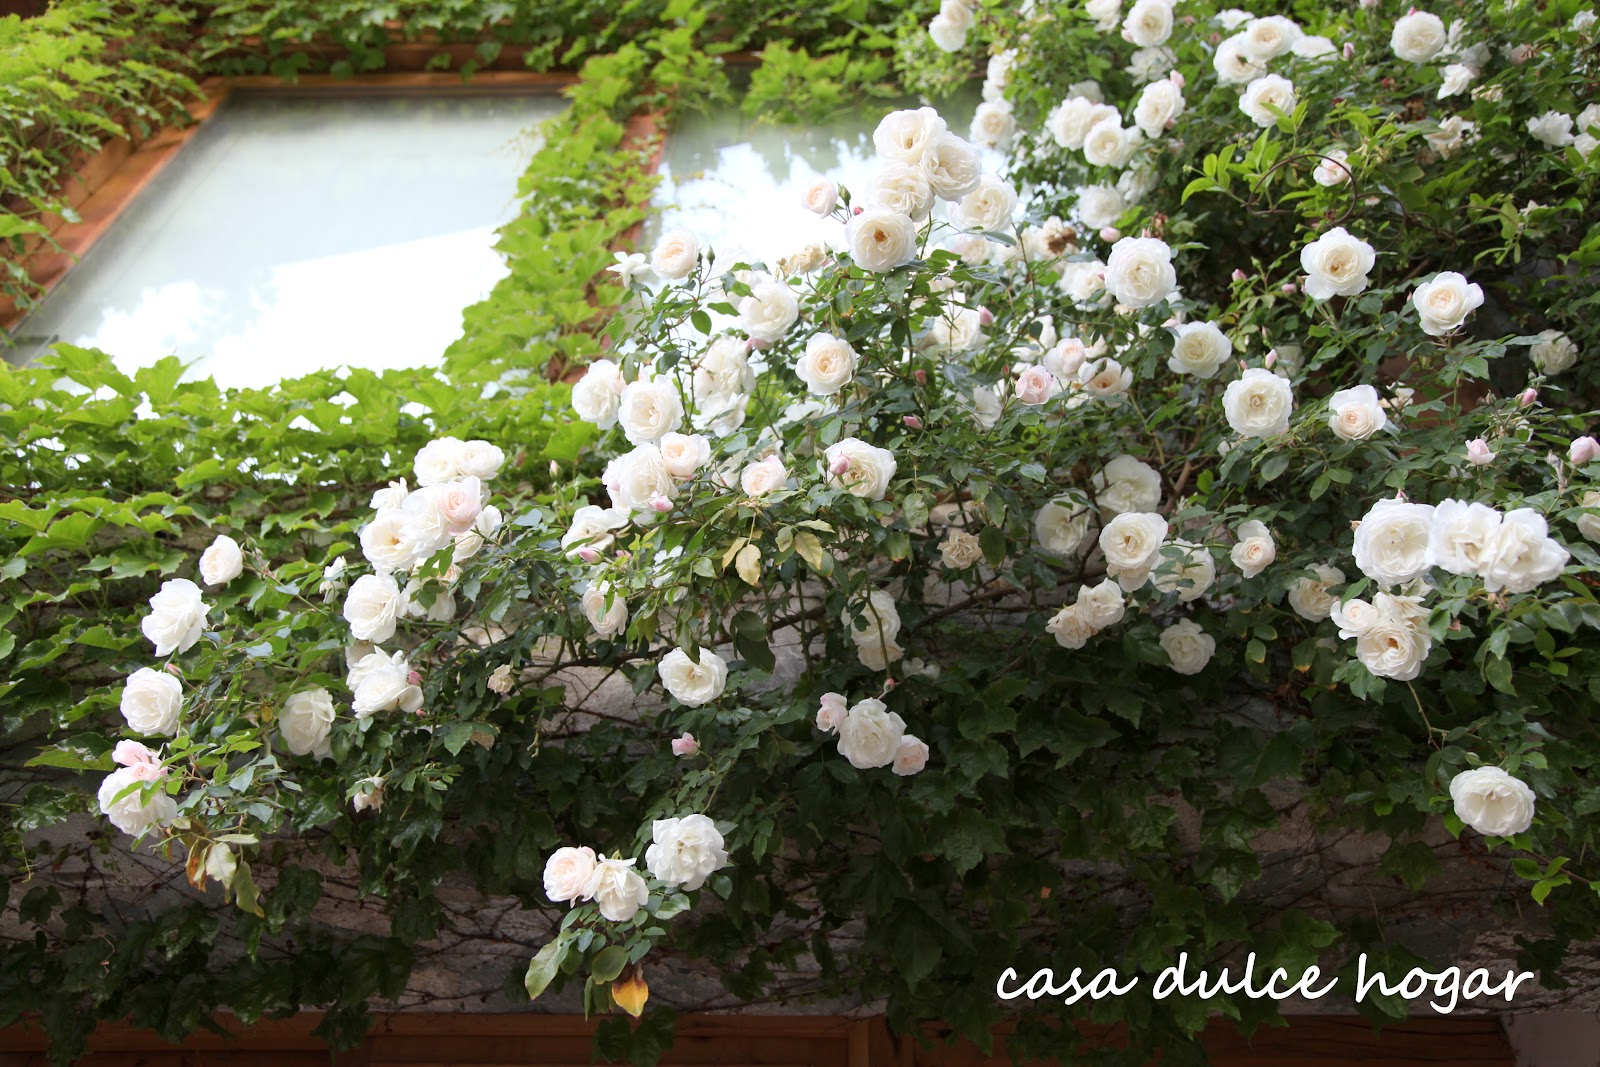 Fotos de rosas rojas y blancas de jardin photos of for Fotos de jardines